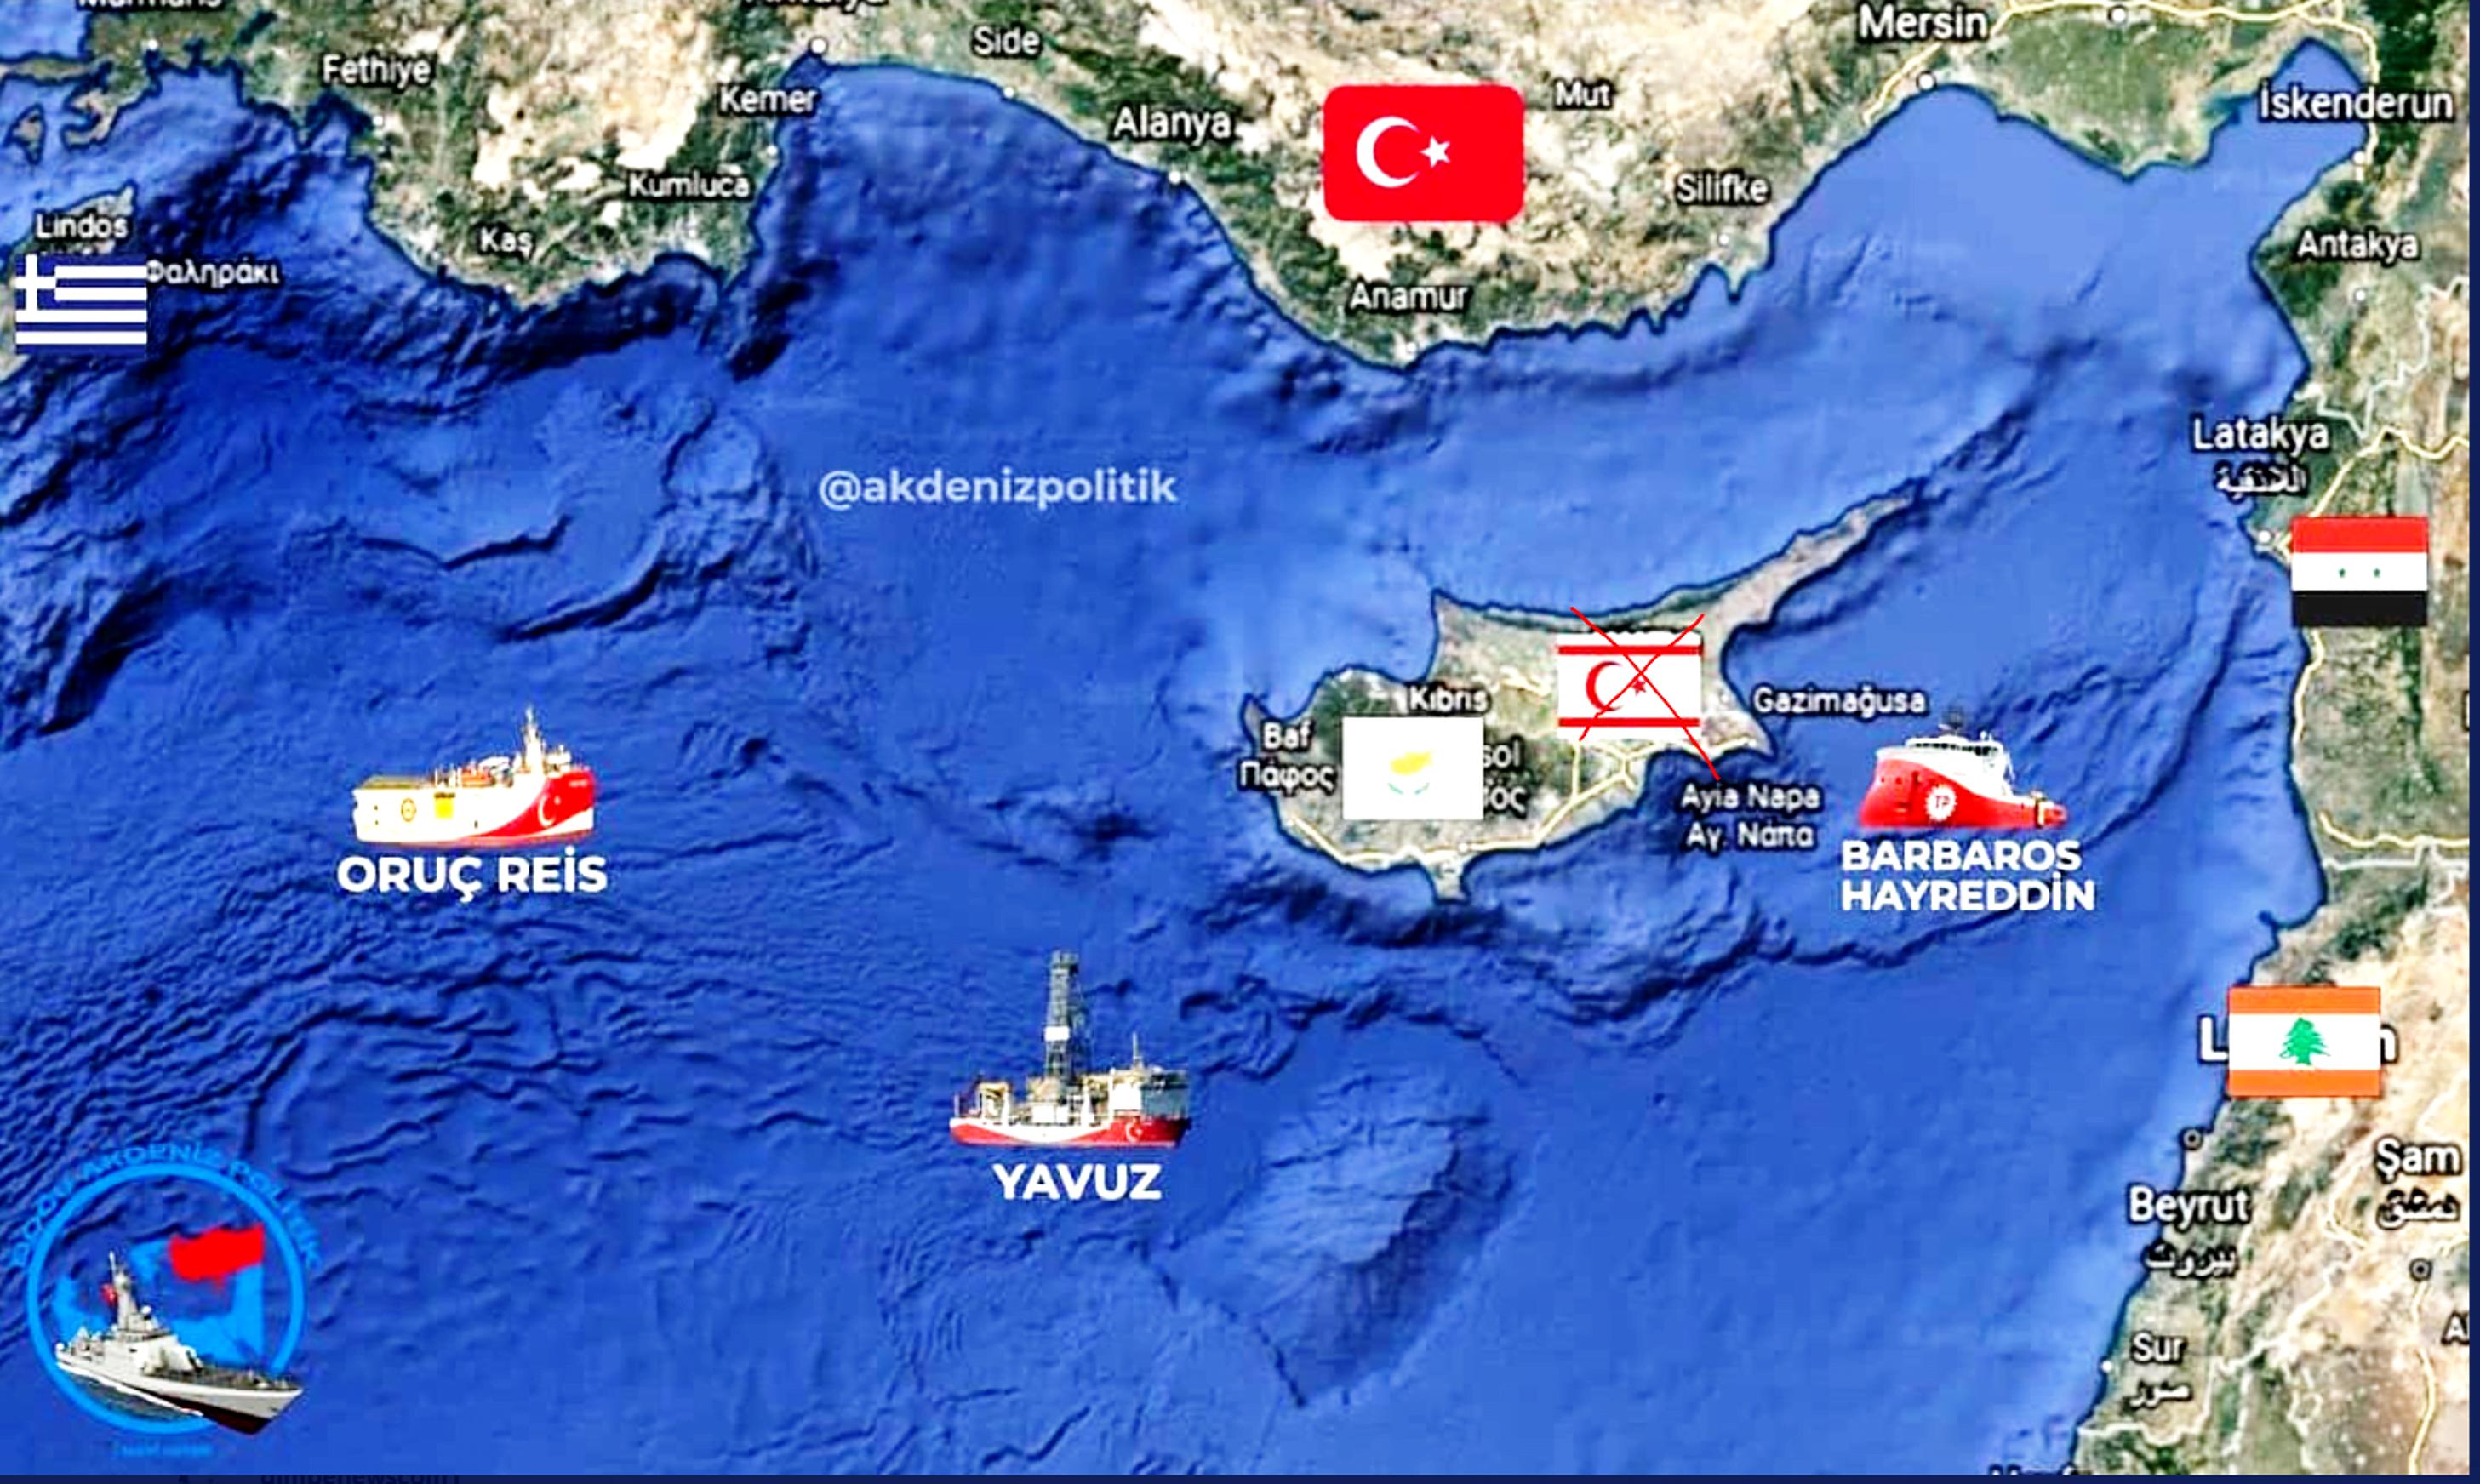 Η ελληνοτουρκική αναμέτρηση και η στρατηγική του χάους